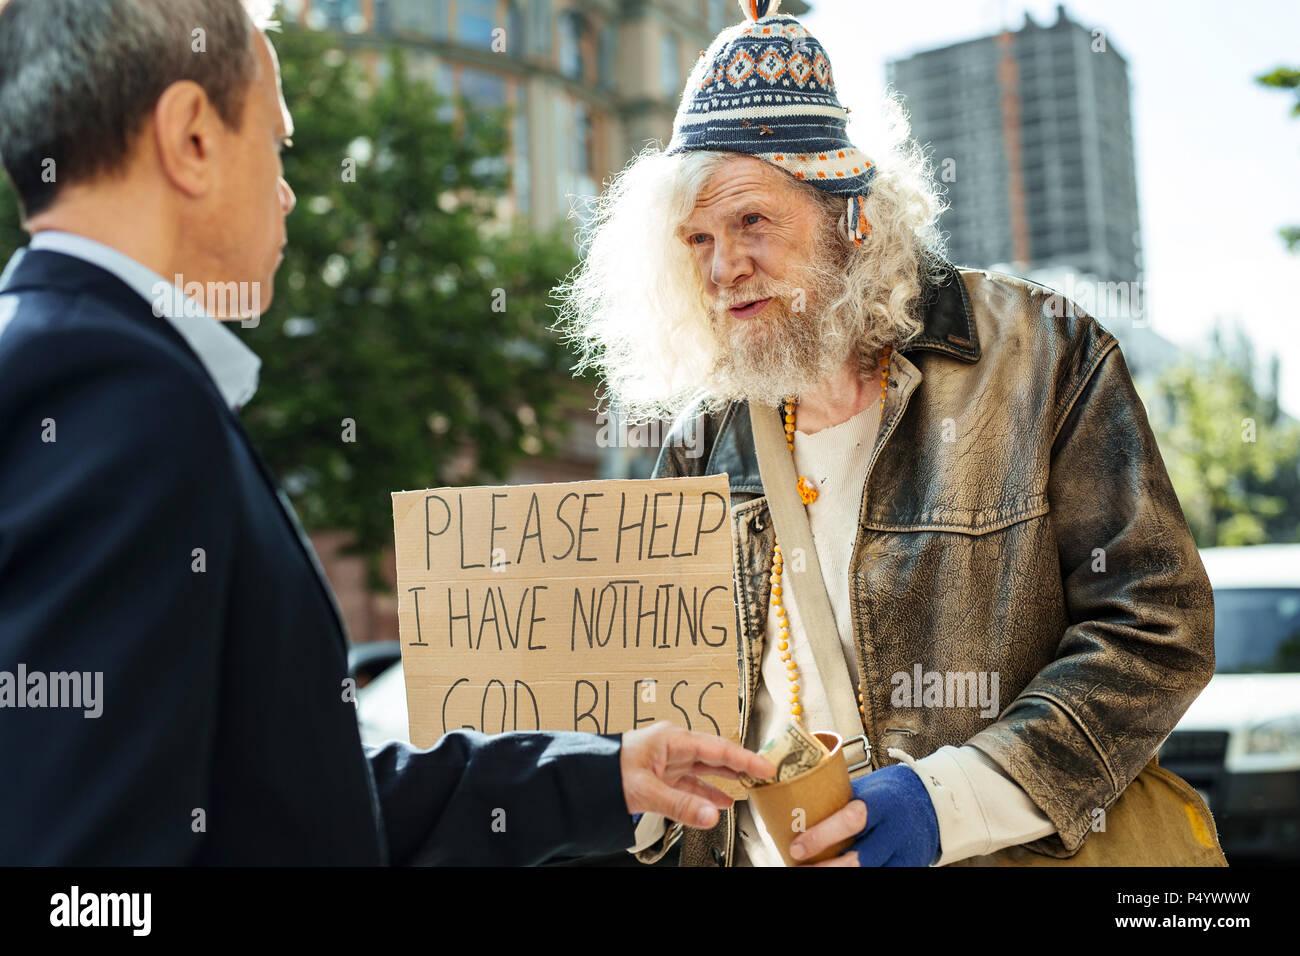 Prosperous office manager giving dollar bill to hopeless fugitive - Stock Image